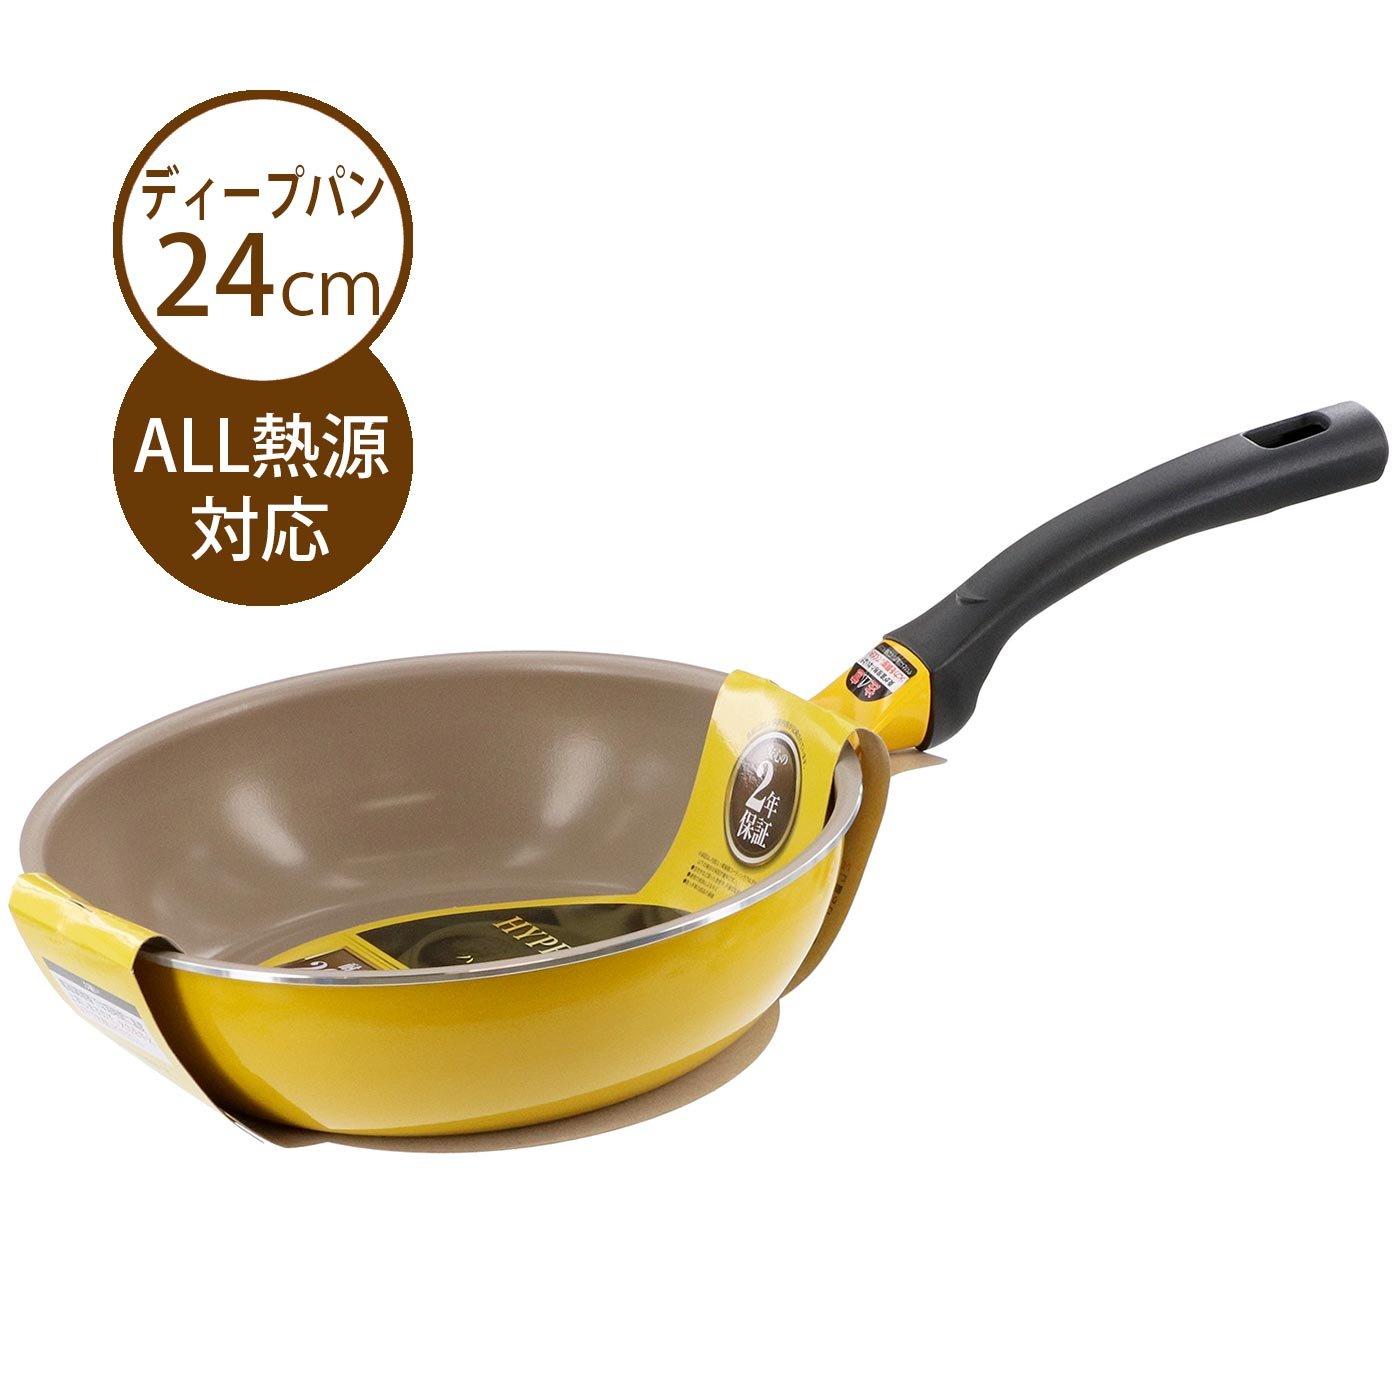 ハイパープレミアムコート IH対応ディープパン イエロー24cm